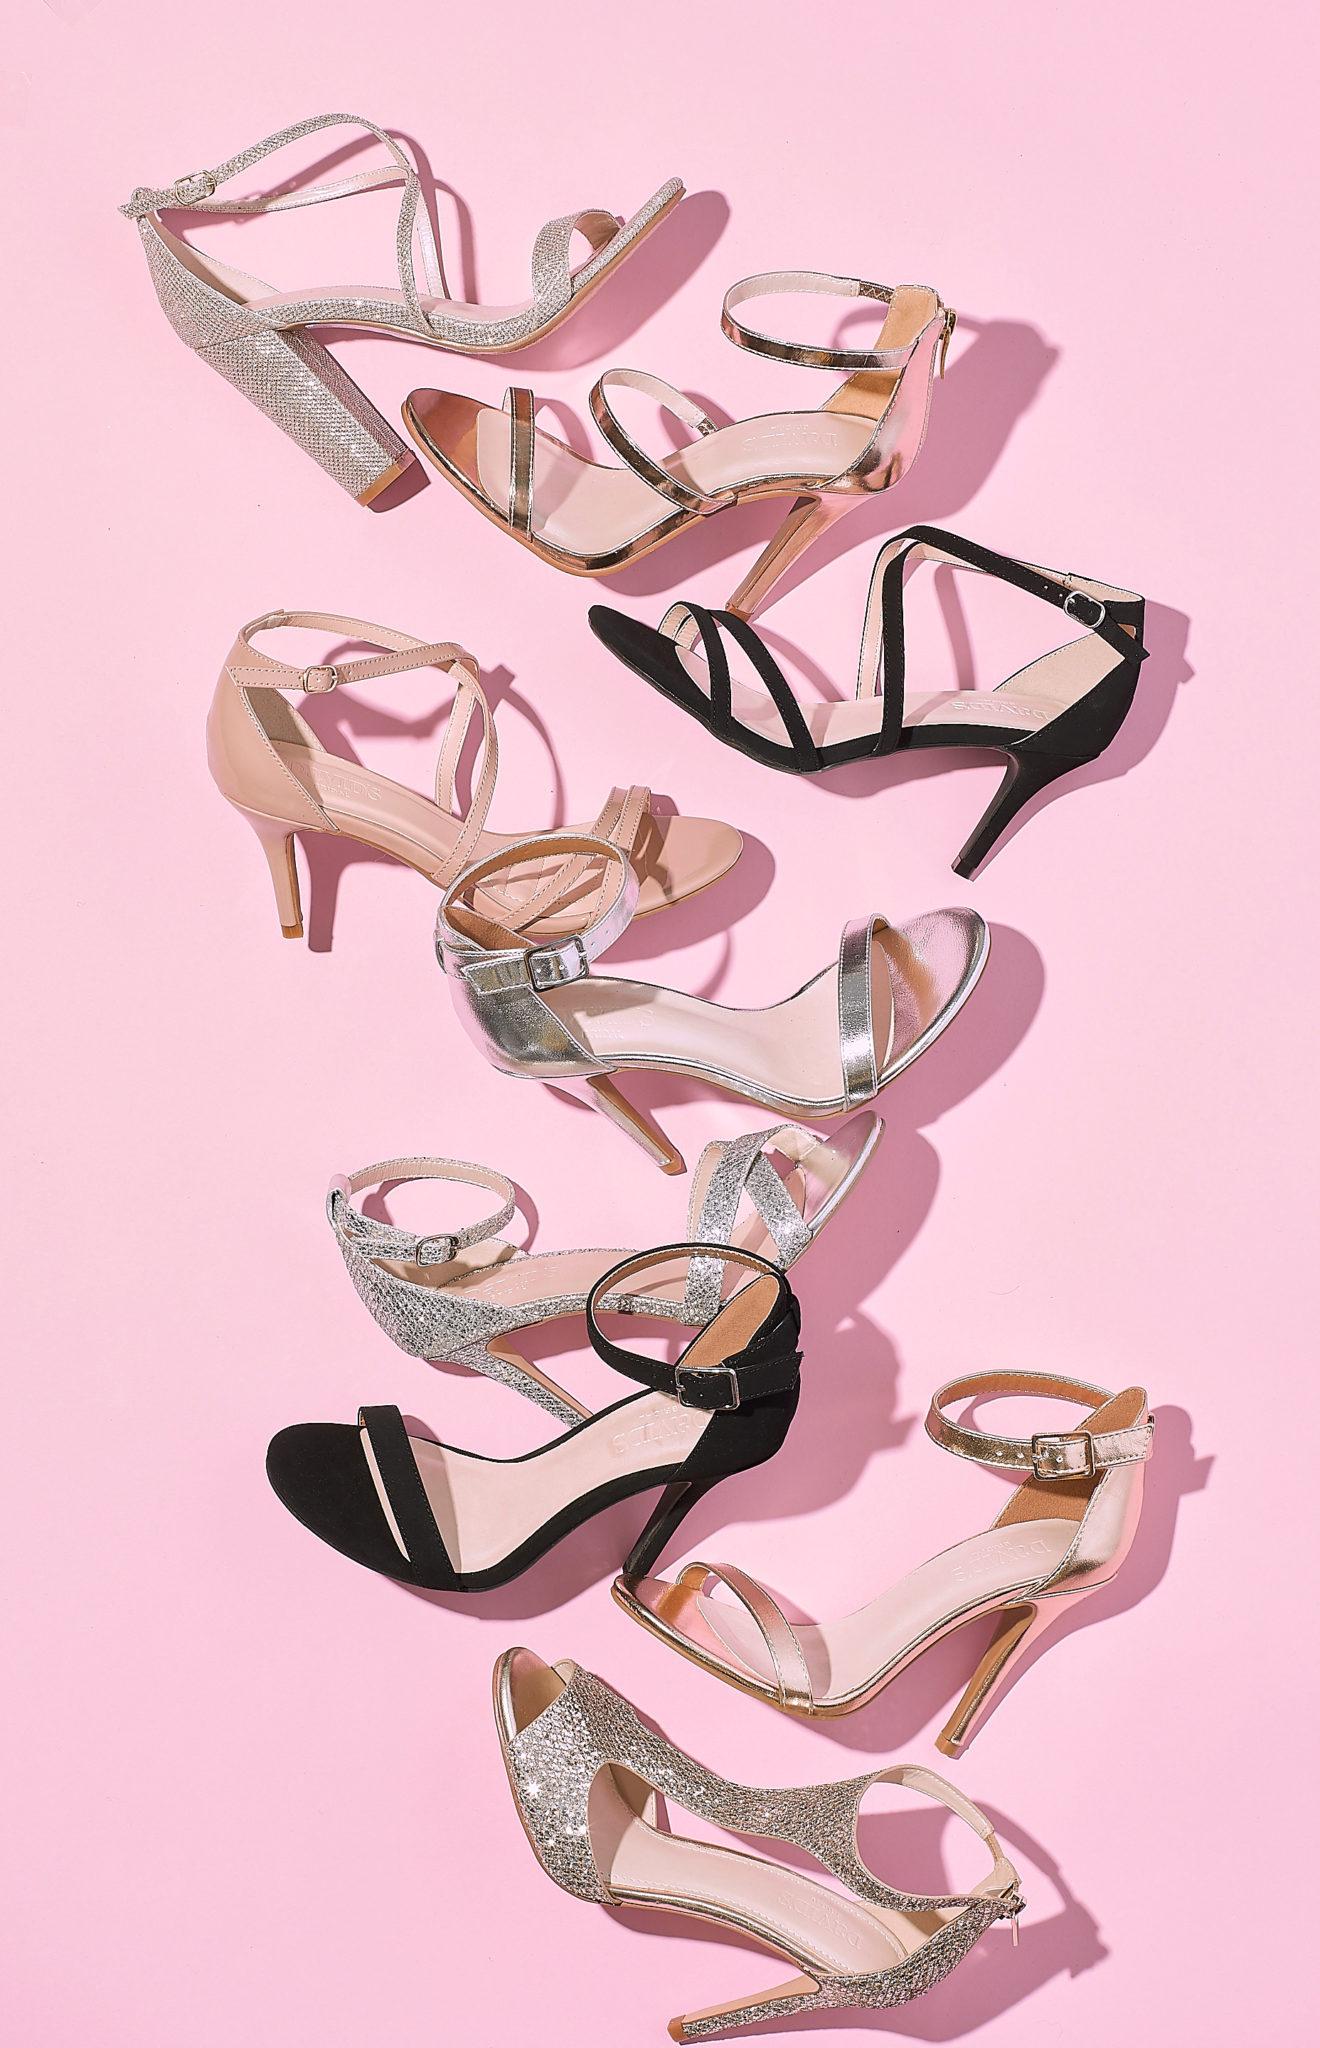 What Color Shoes Should Bridesmaids Wear